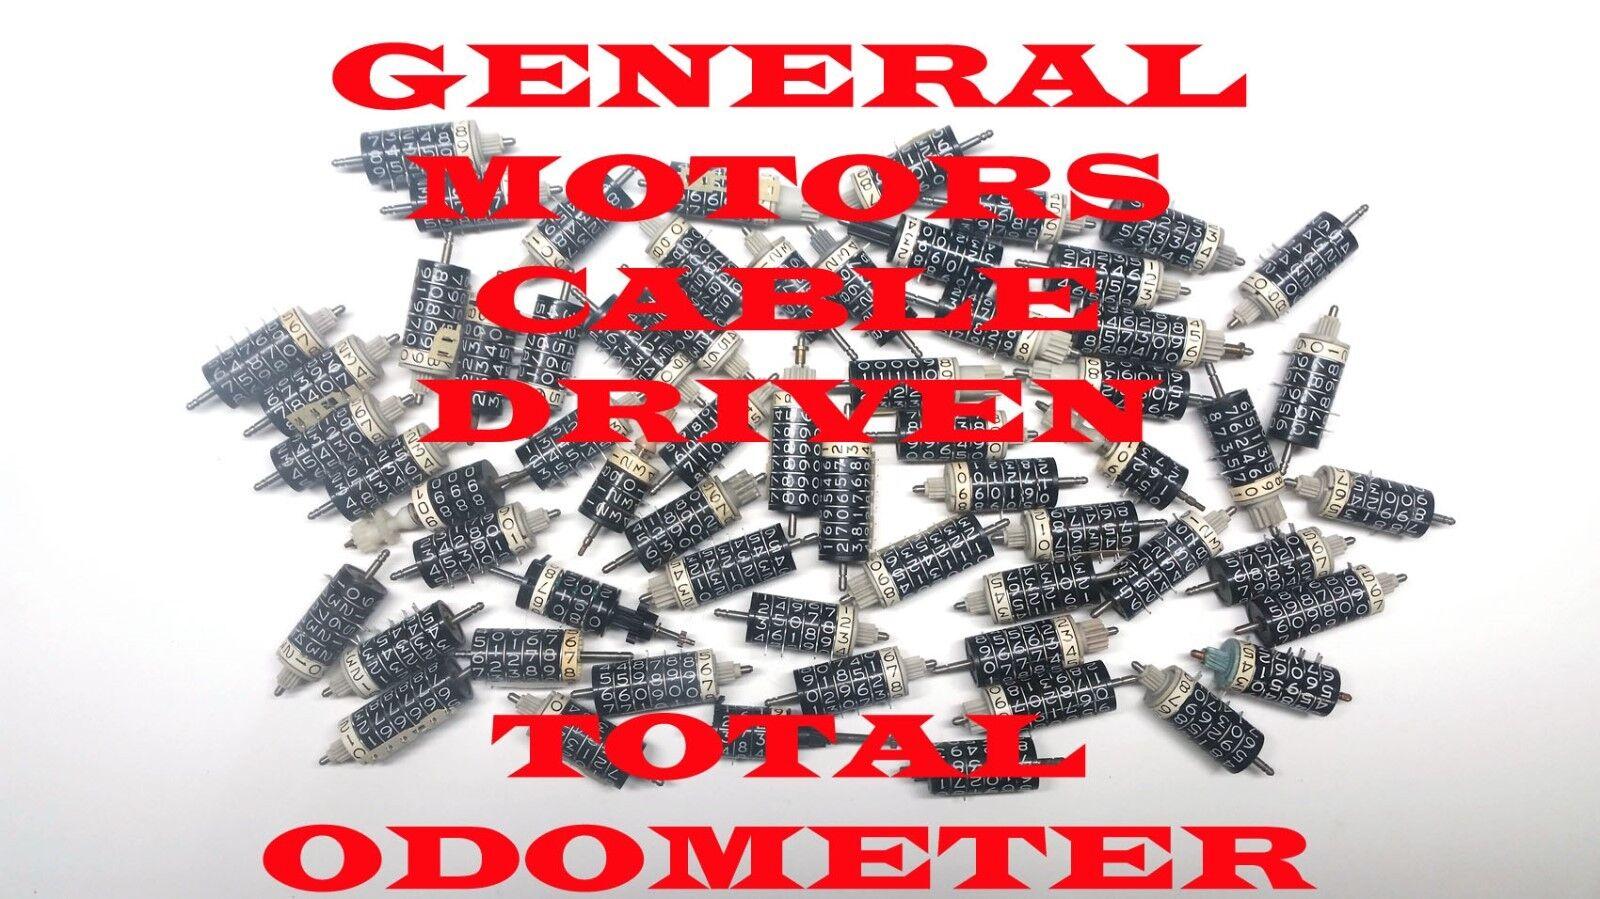 2007 TO 2014 GM GMC CHEVY TRUCKs Speedometer Instrument Custer Repair SERVICE